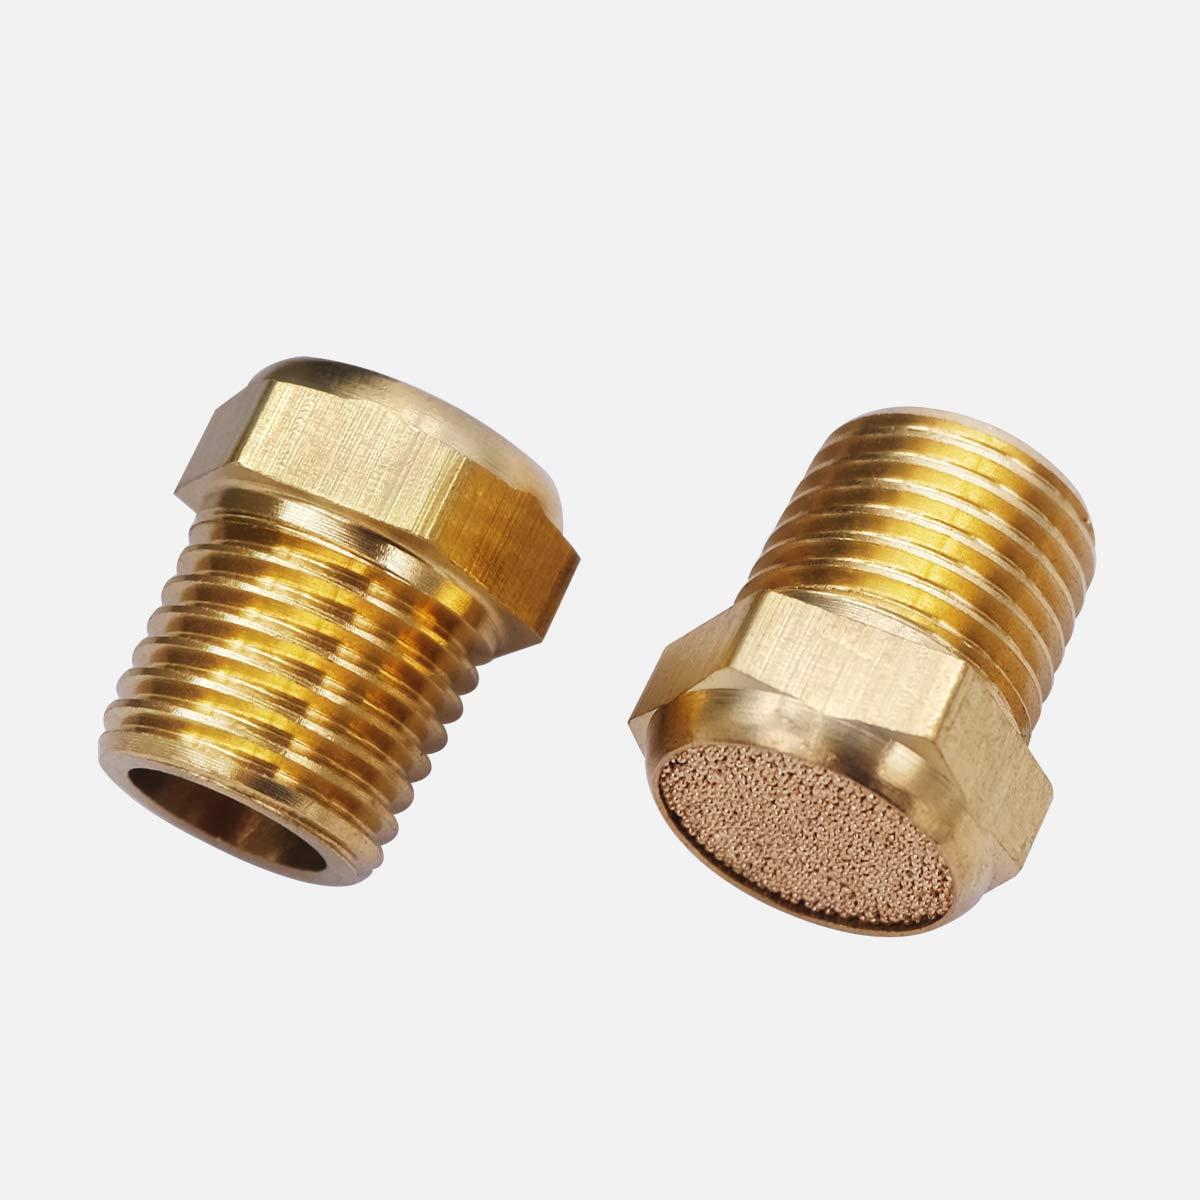 1-4 mxuteuk 10pcs Brass Pneumatic Muffler Filter Noise Silencer Hex Sintered Silencer Air Line Fitting Flat 1//4 NPT XYQ-P-